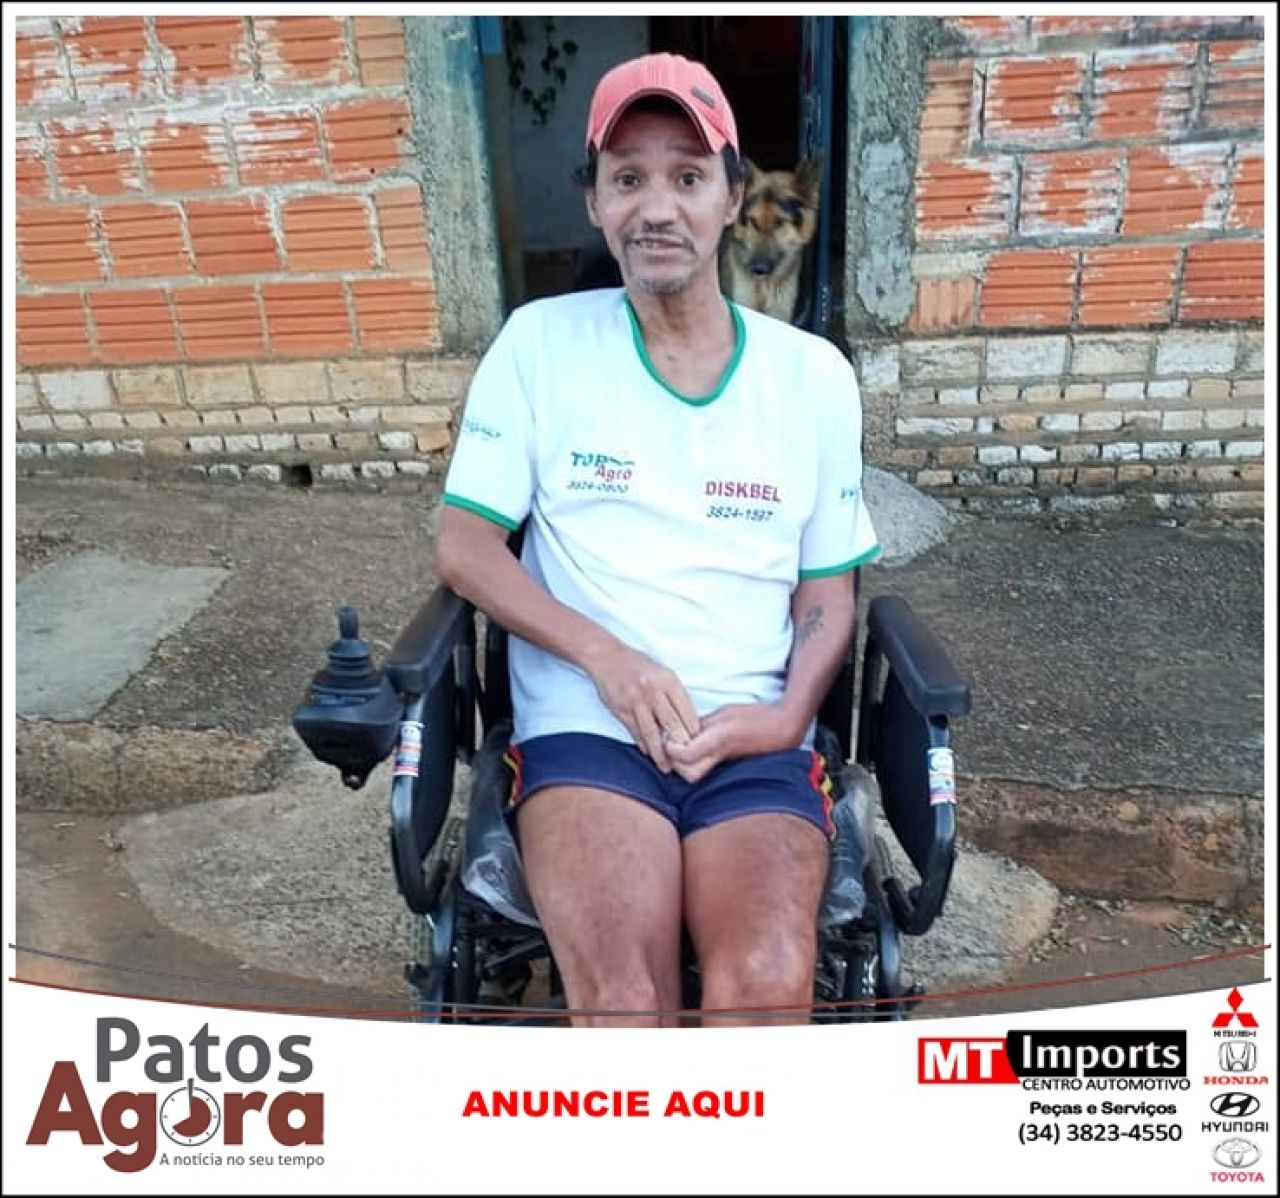 Em ação social, empresários e população de Lagoa Formosa doam cadeira de rodas motorizada